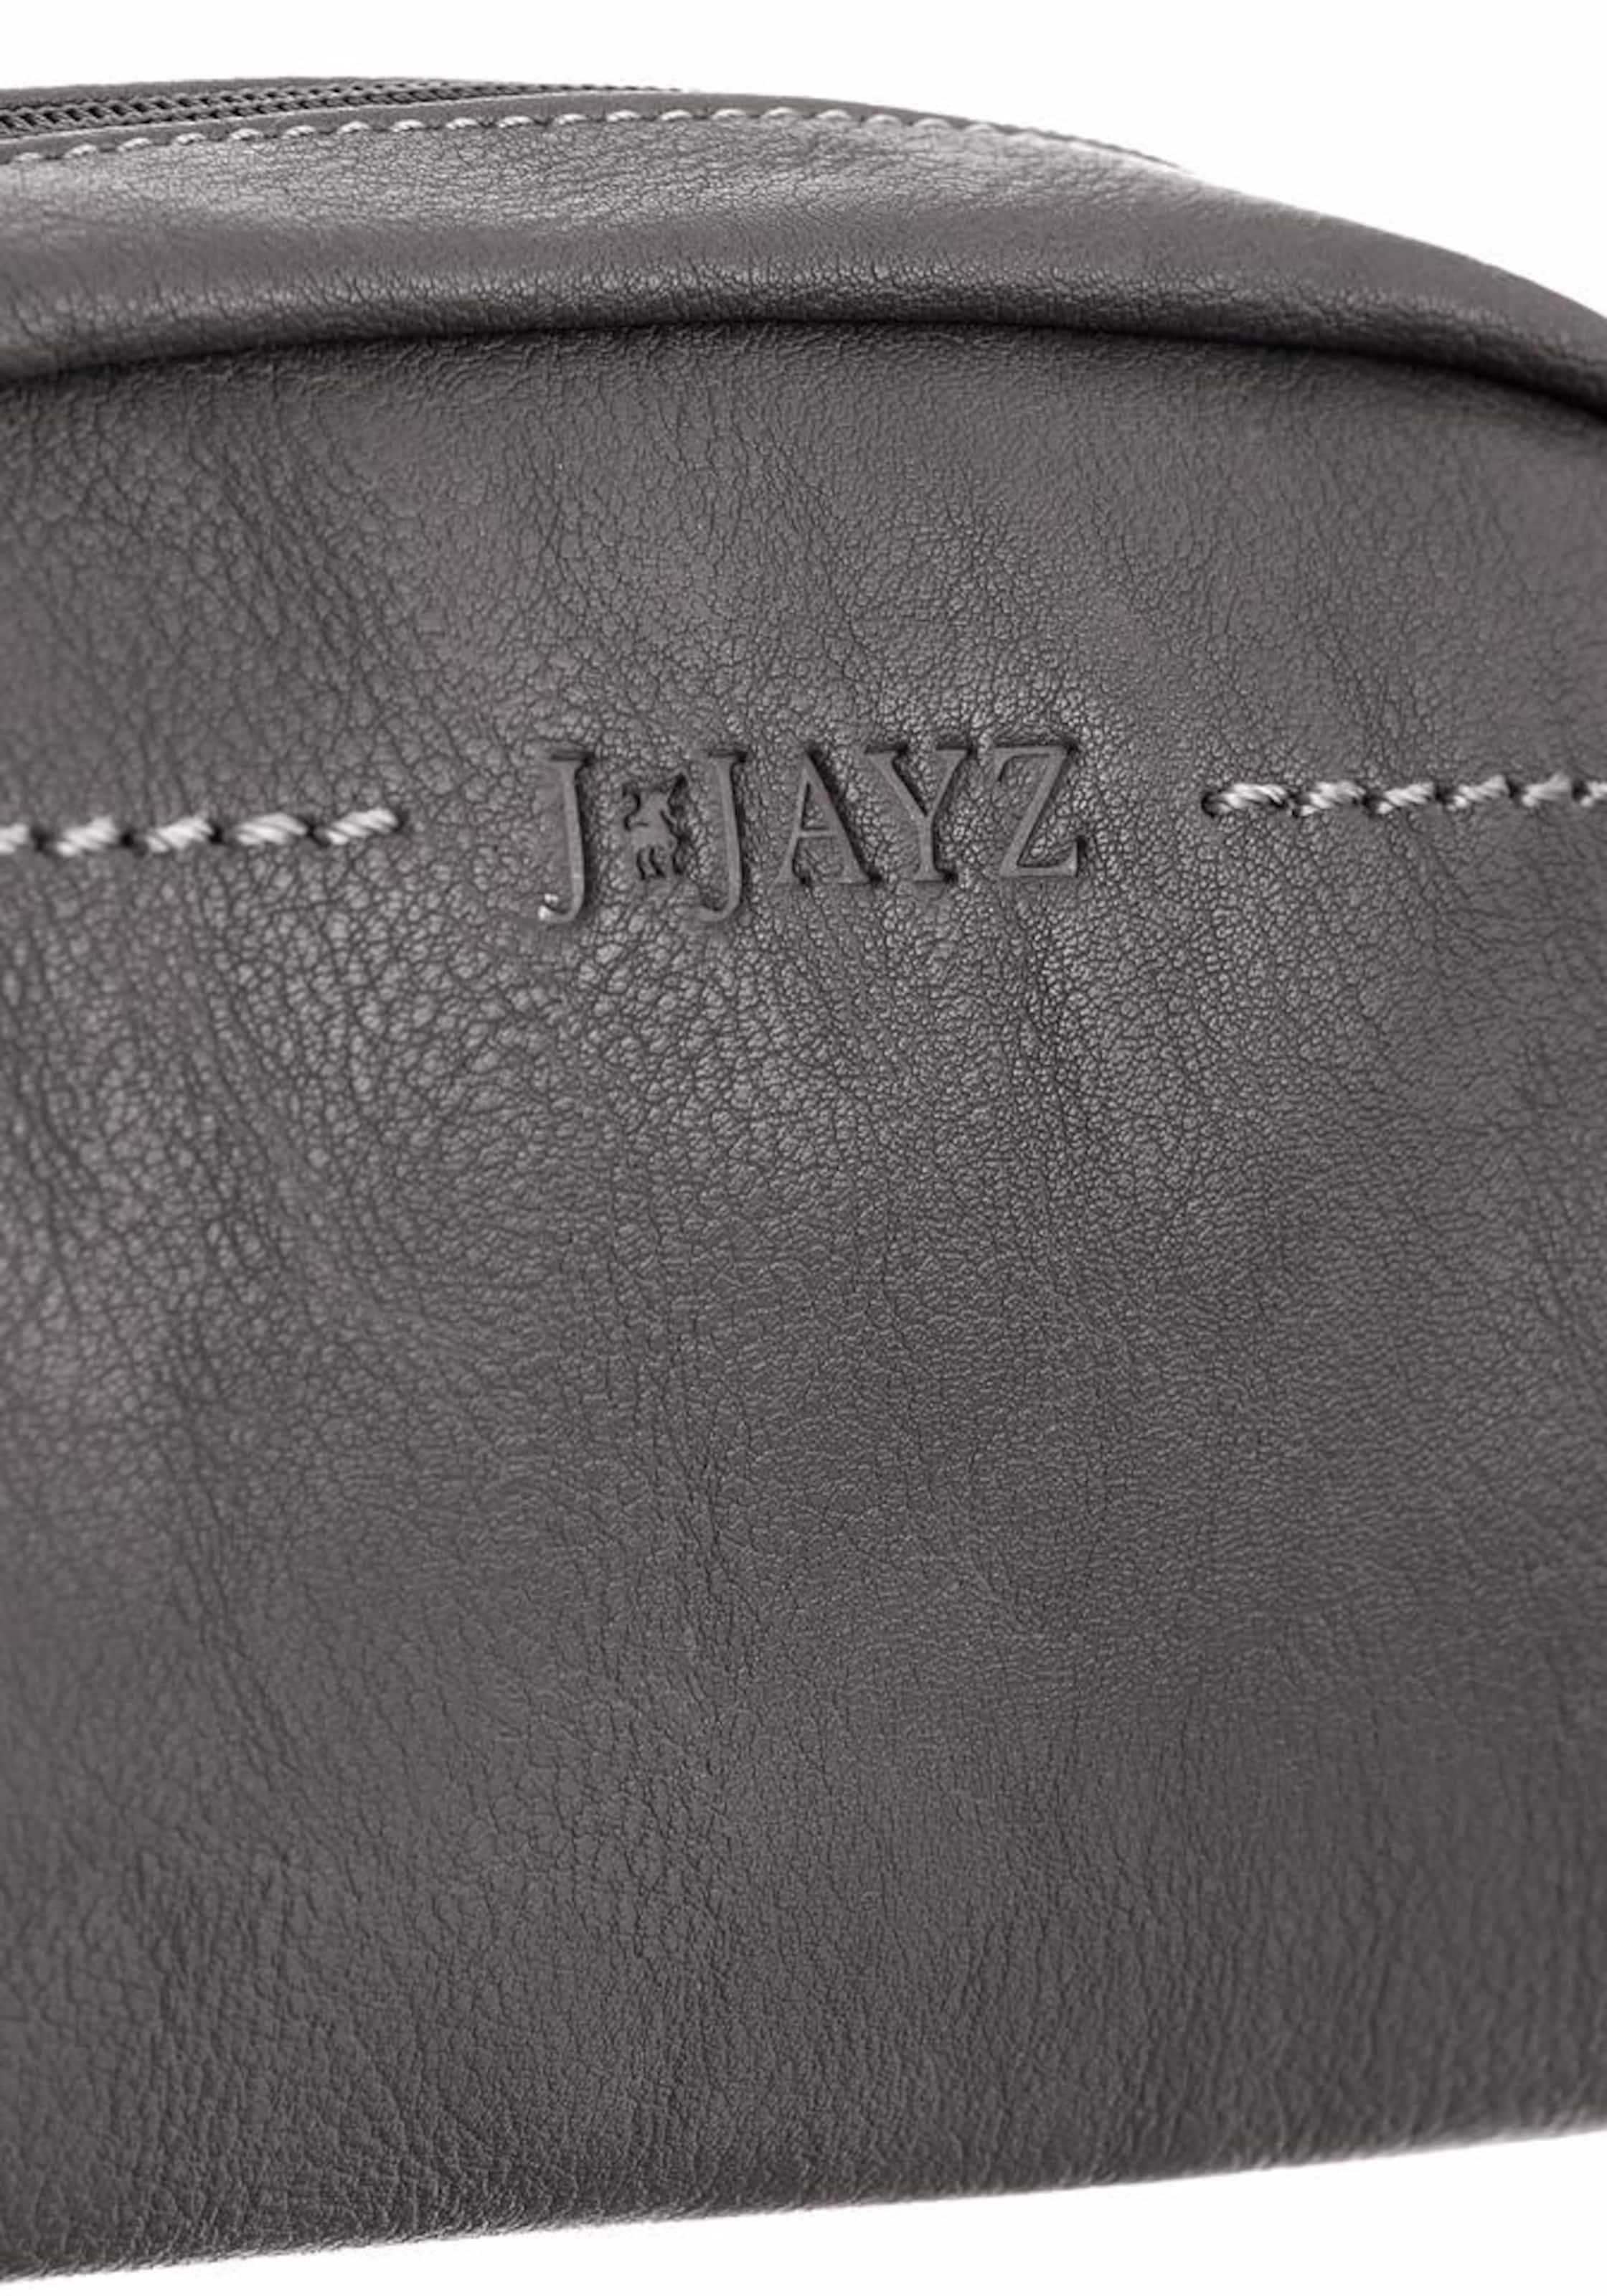 Auslass Echt J. Jayz Kosmetiktasche Footaction Günstig Online Verkauf 2018 Neueste Vermarktbare Günstig Online Wirklich Günstig Online jByGul